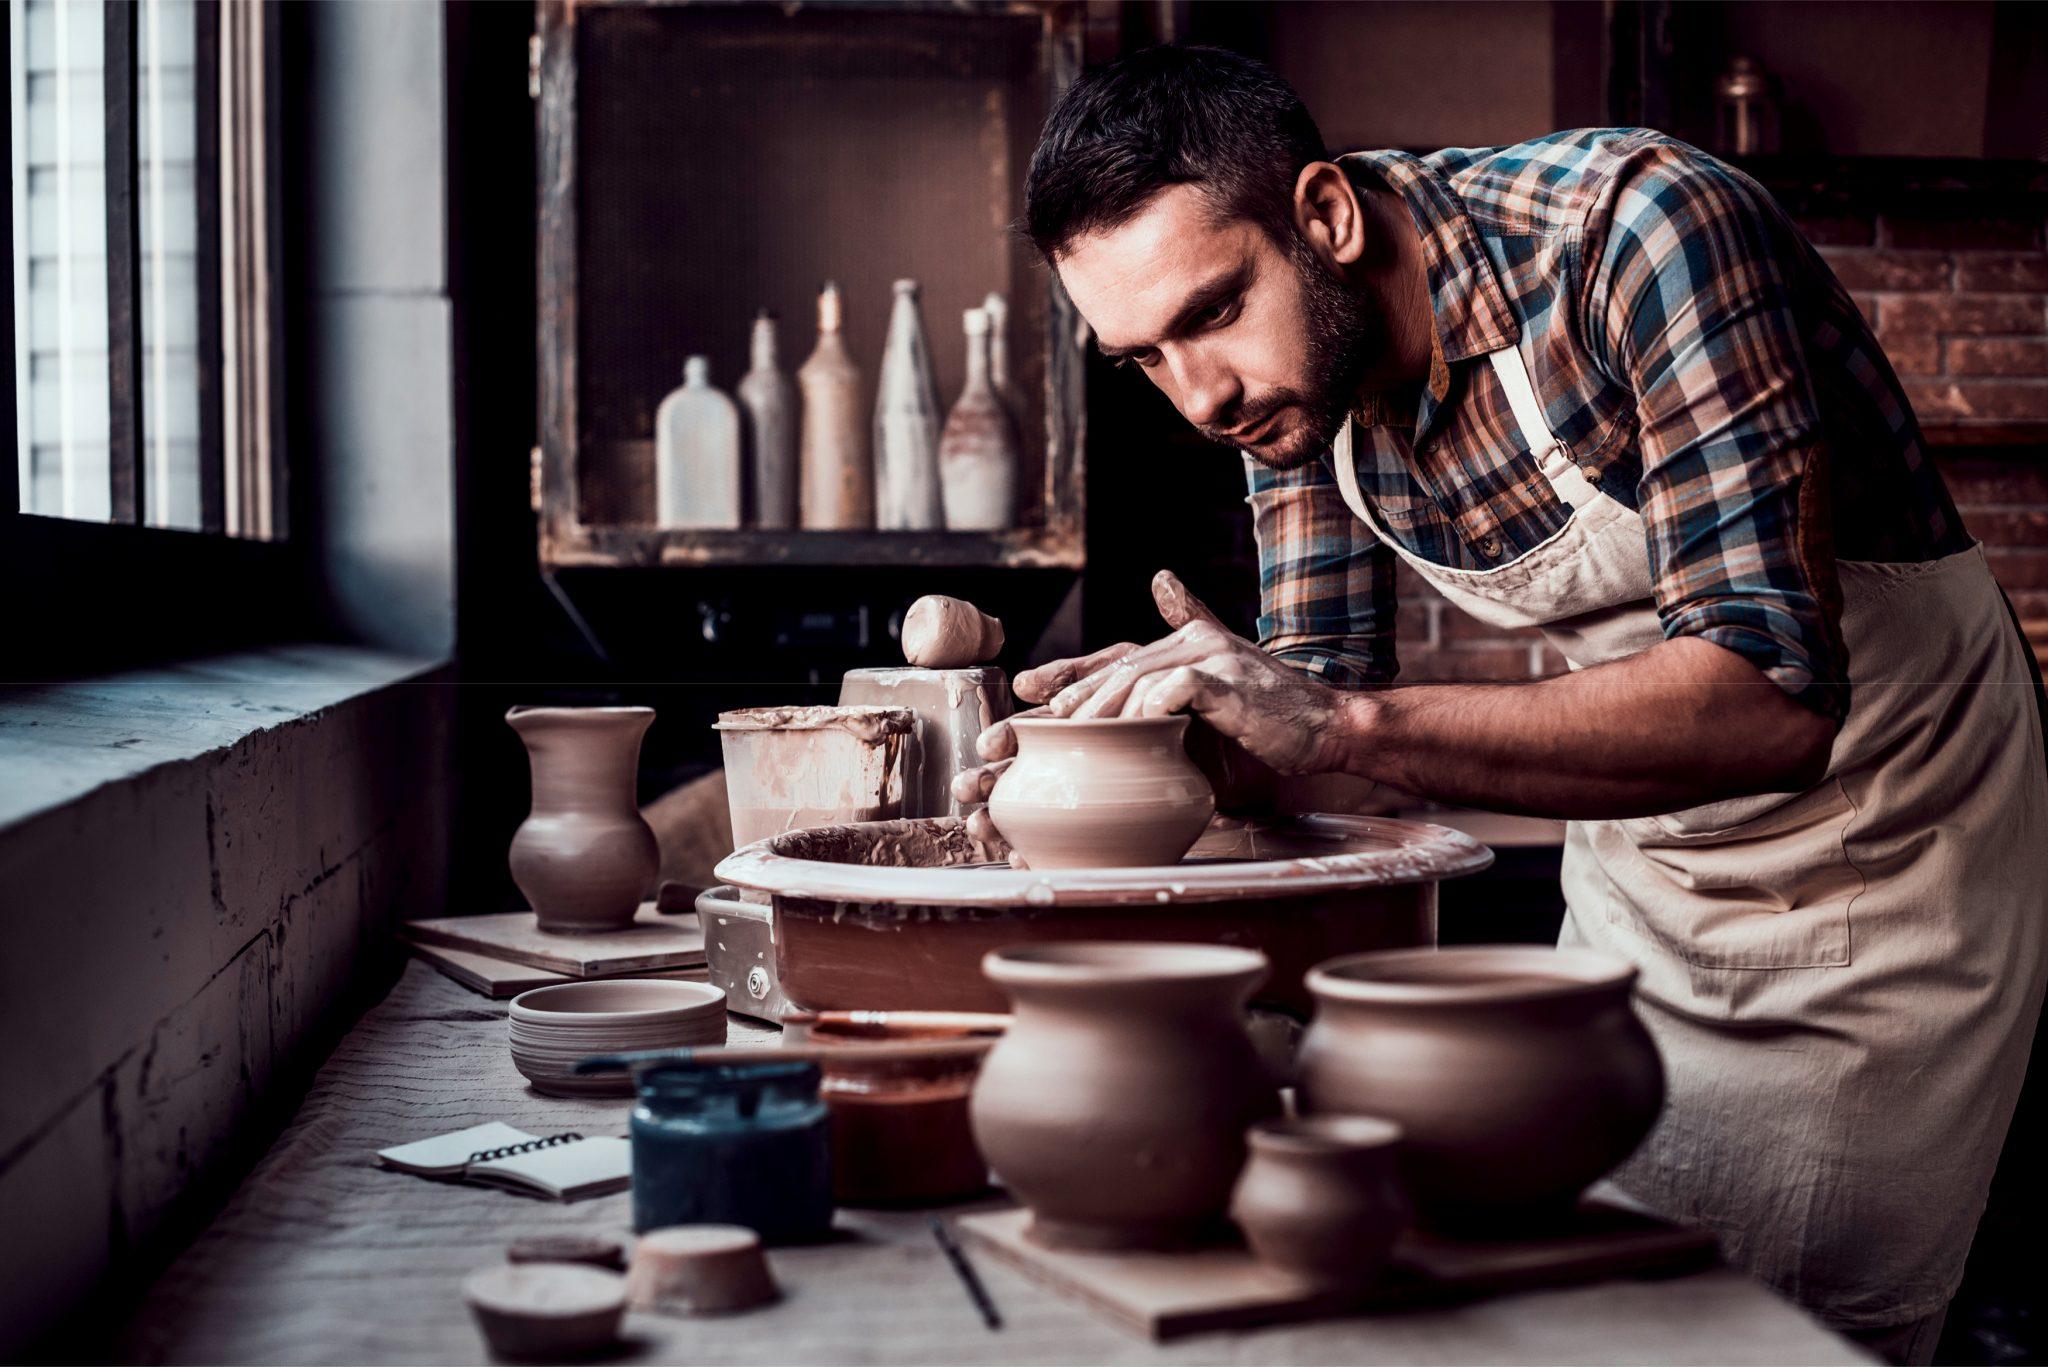 集中して陶芸をしている男性